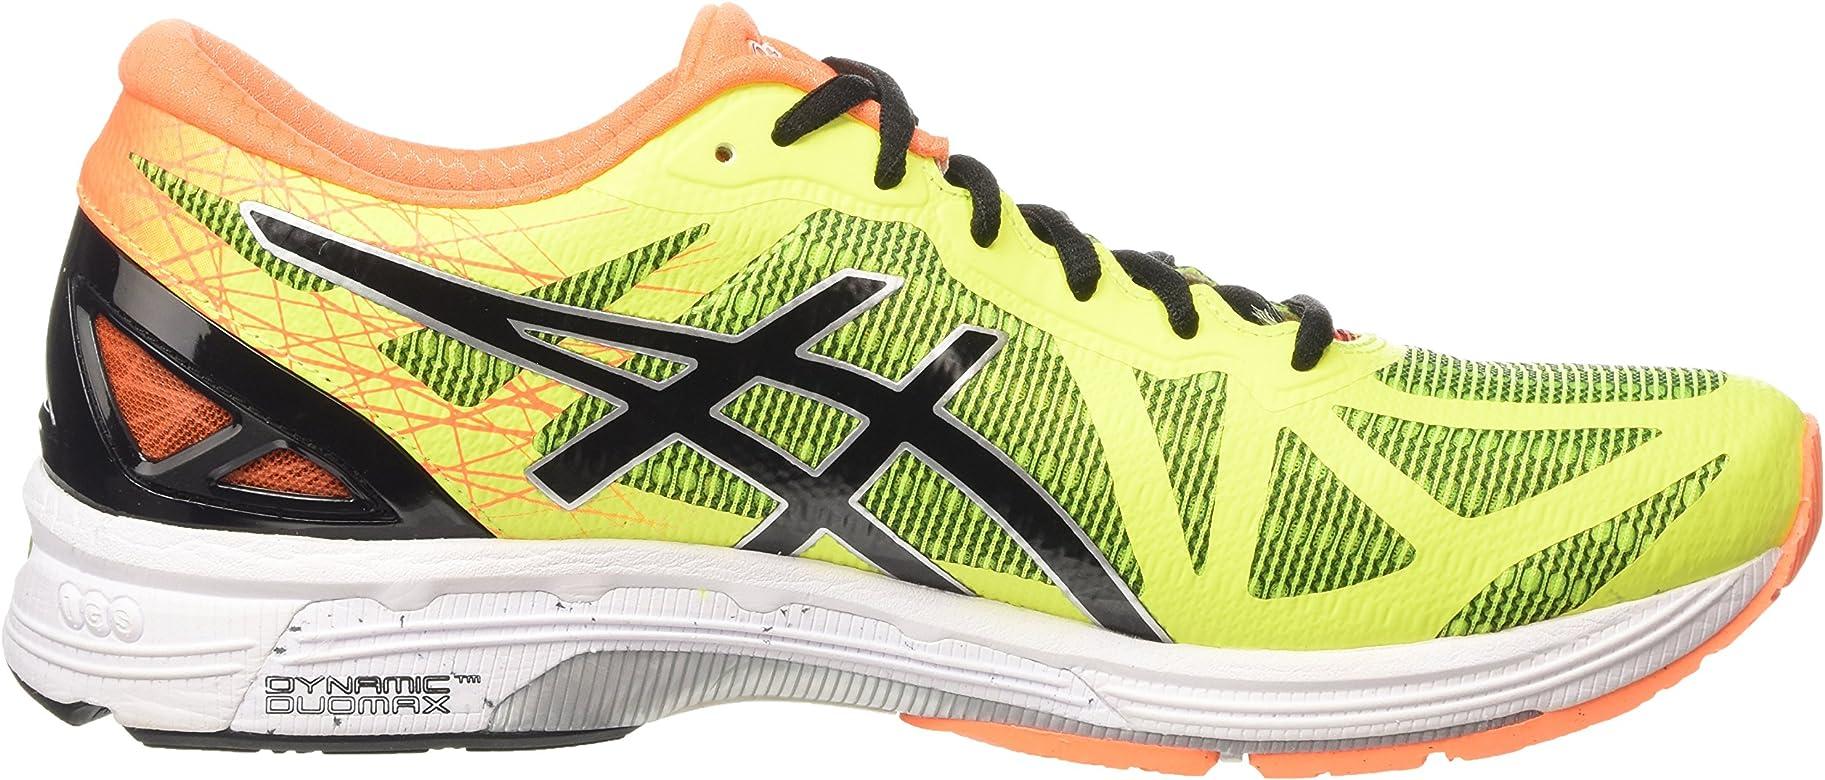 ASICS - Gel-DS Trainer 21, Zapatillas de Running Hombre, Amarillo (Flash Yellow/Black/Hot Orange 0790), 43.5 EU: Amazon.es: Zapatos y complementos